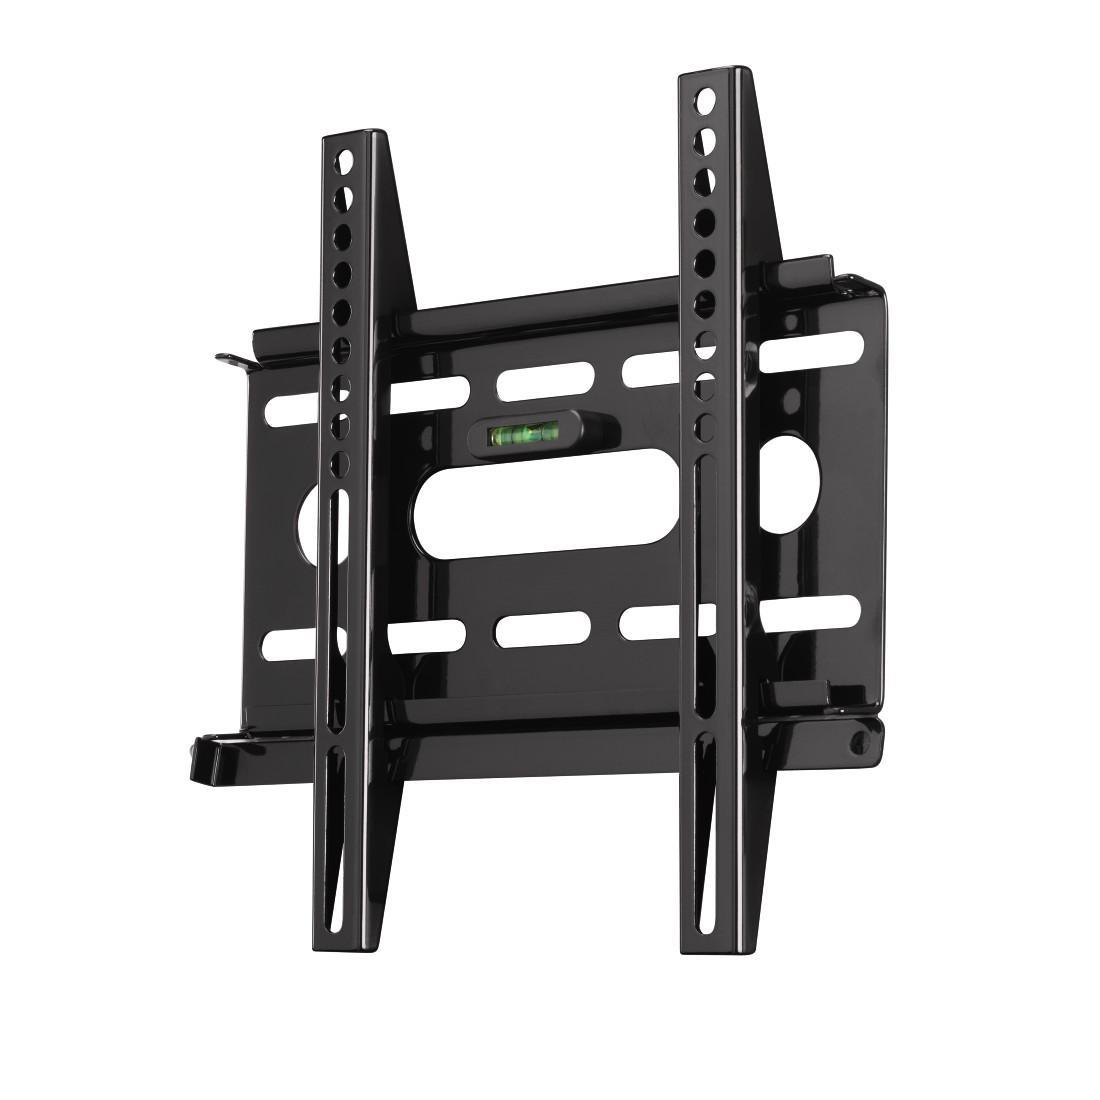 Стенна стойка HAMA Ultraslim 84424, Фиксирана, 19-37, 25 кг, Черна